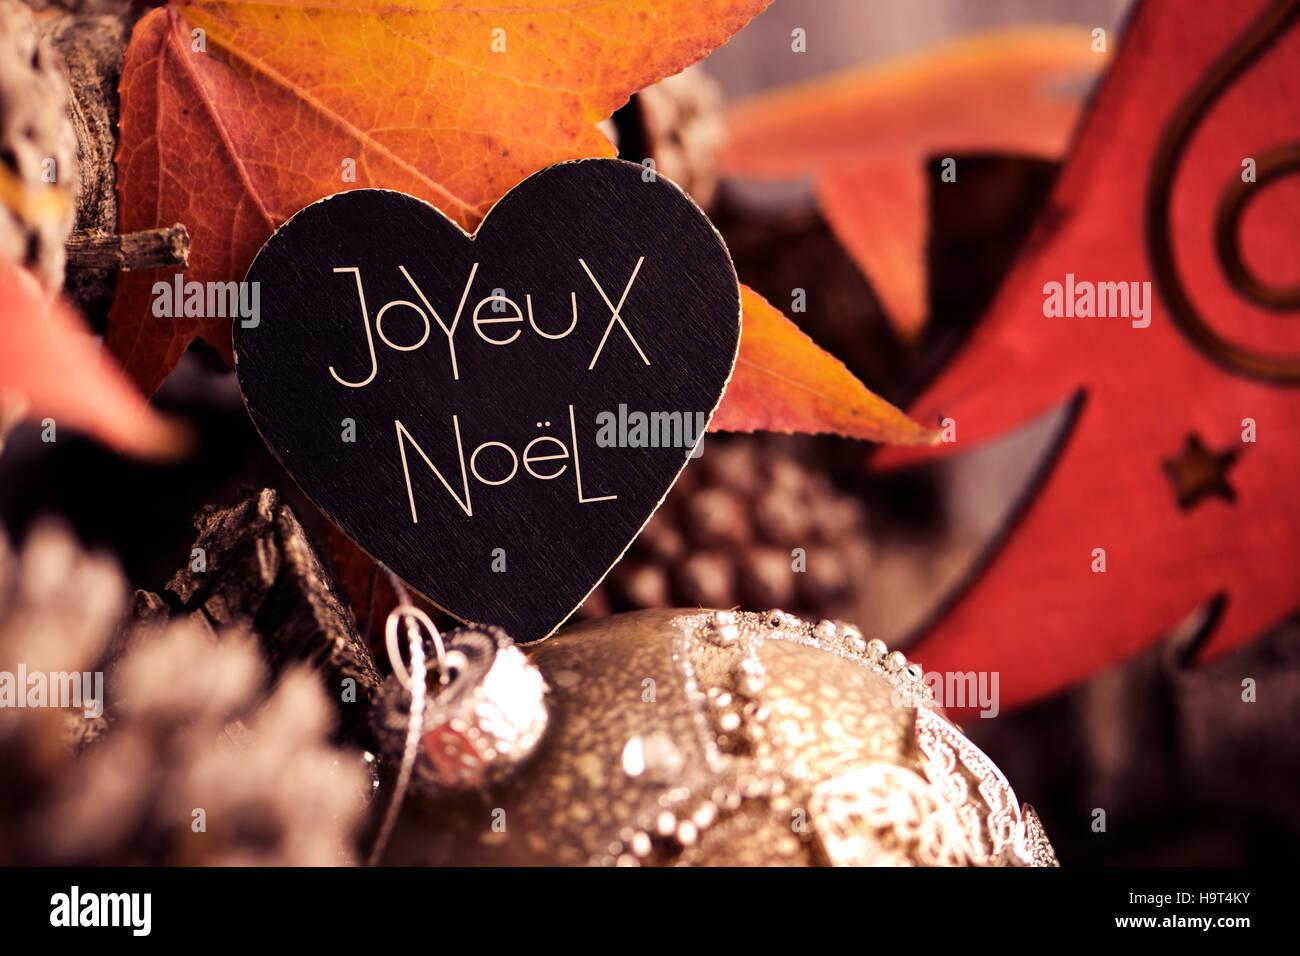 Weihnachtsgrüße In Französisch.Der Text Joyeux Noel Frohe Weihnachten Geschrieben Französisch In